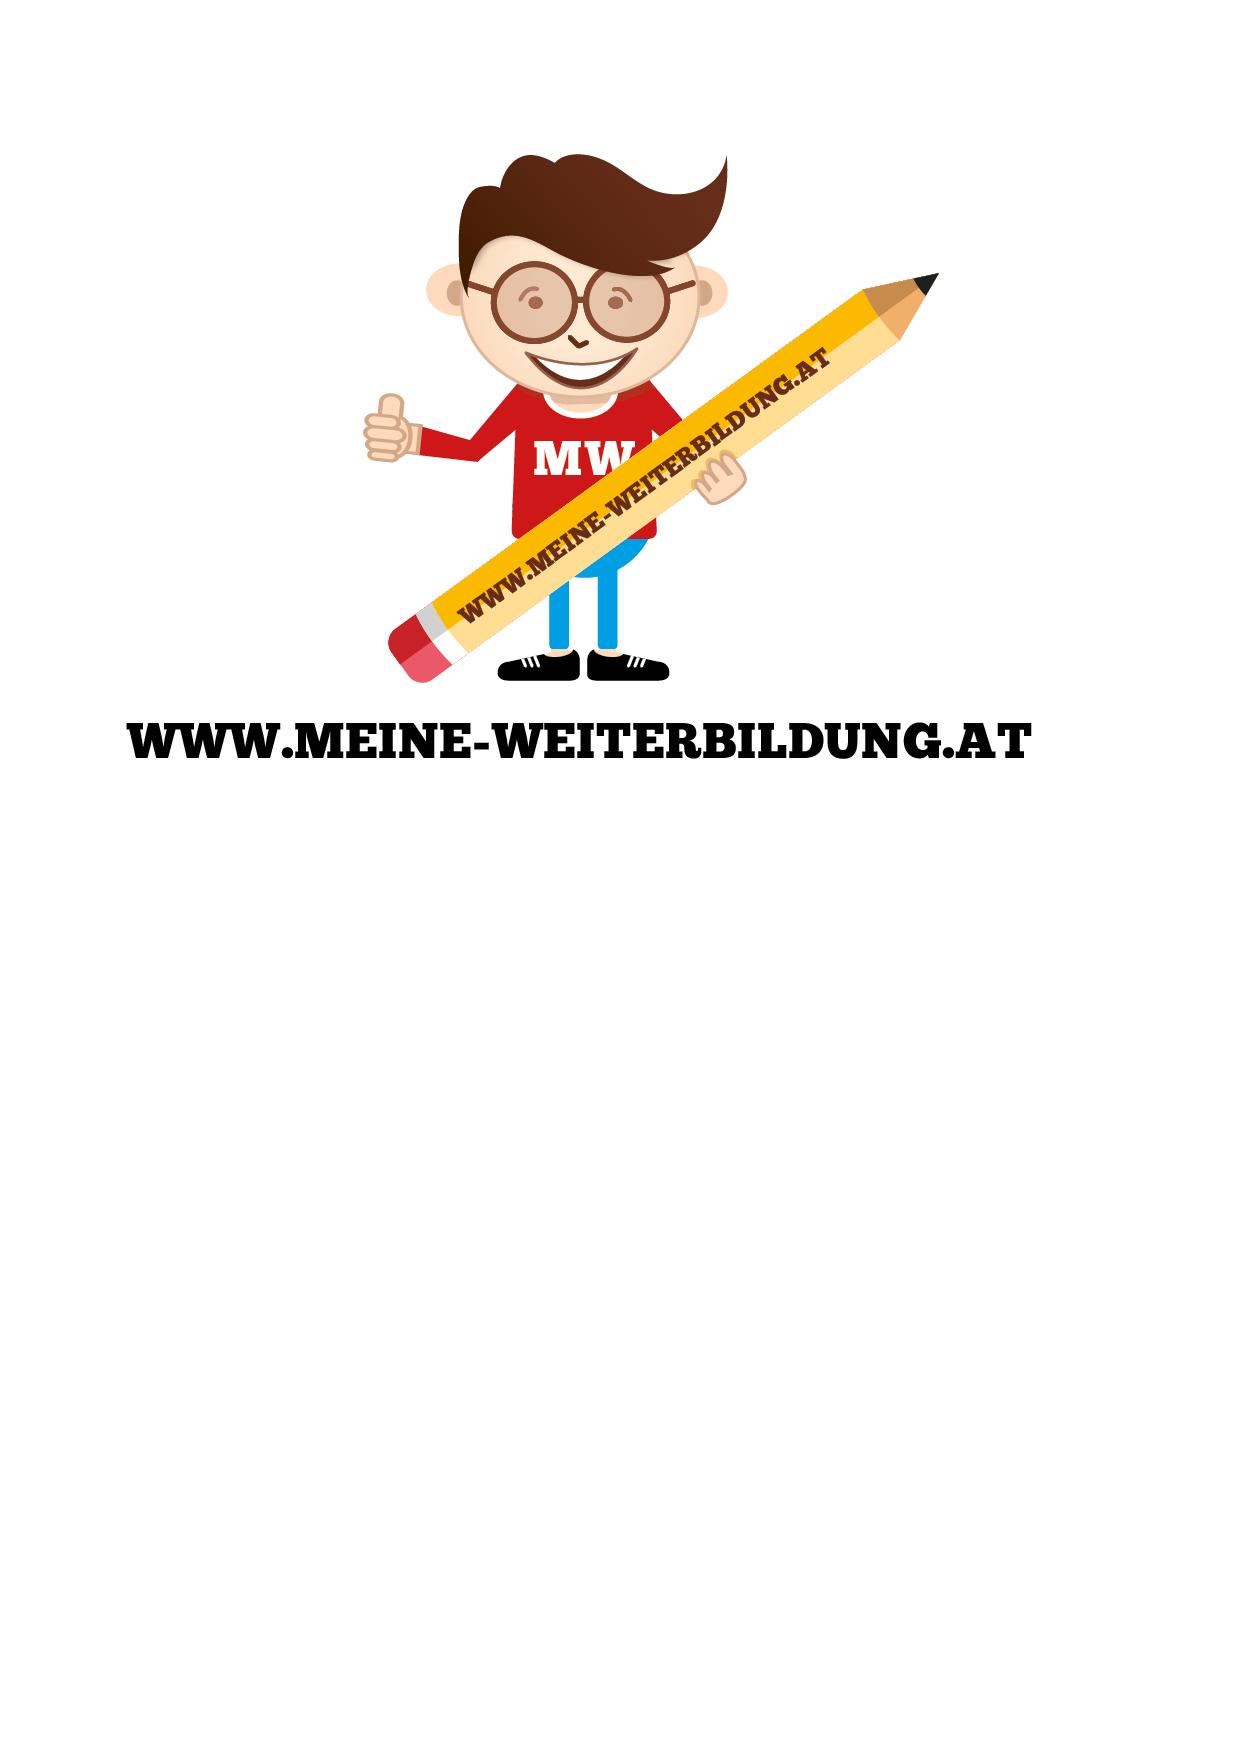 Logo design briefing for Weiterbildung design